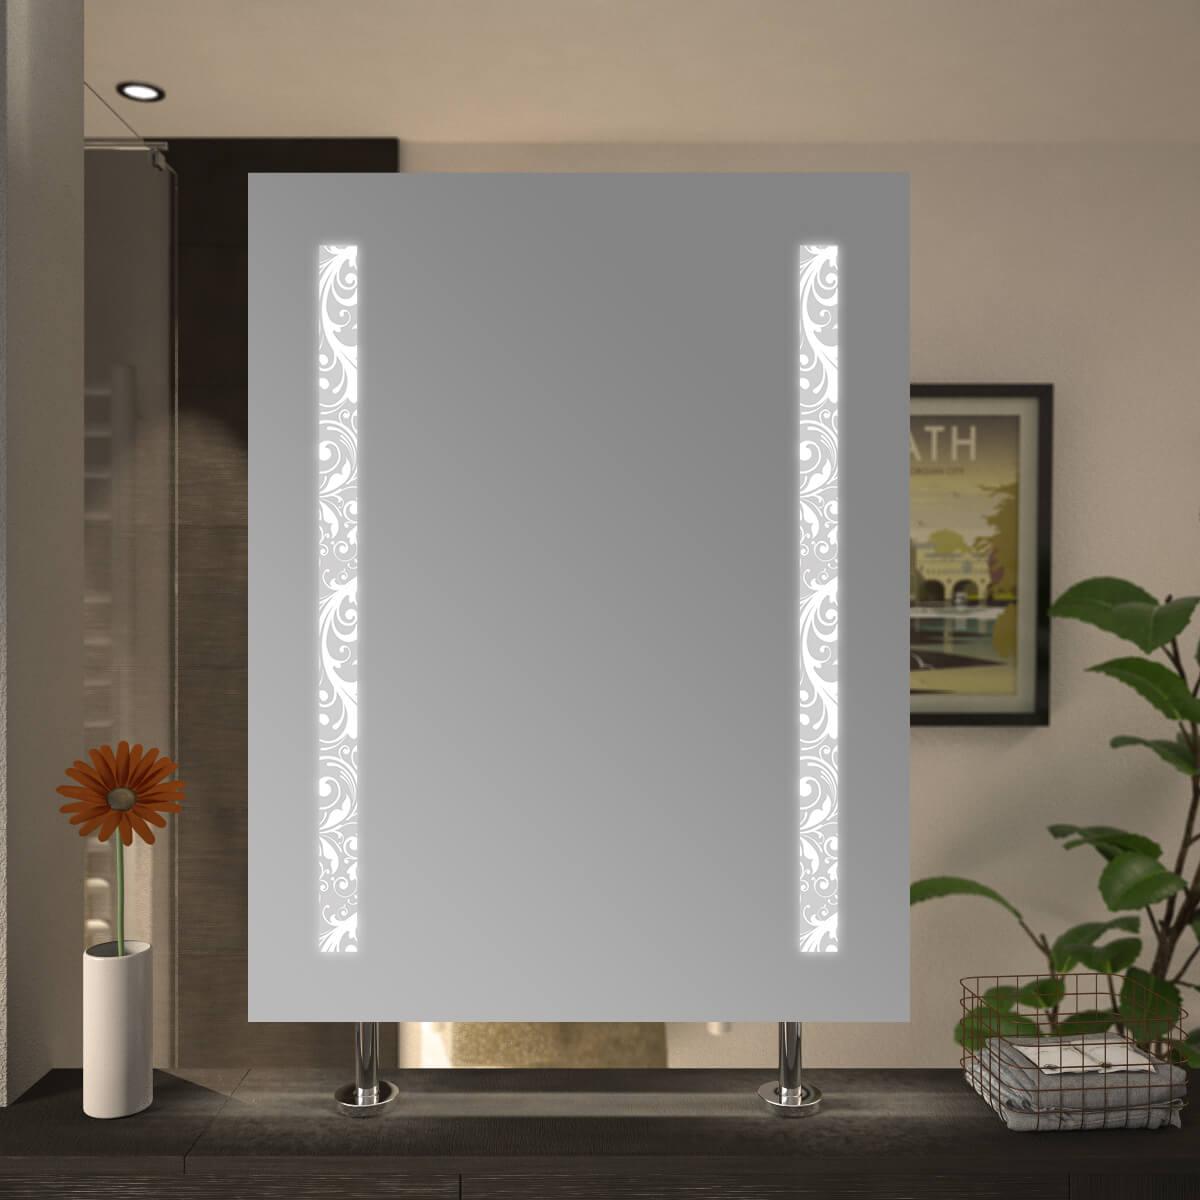 Spiegel Raumteiler Erkrath